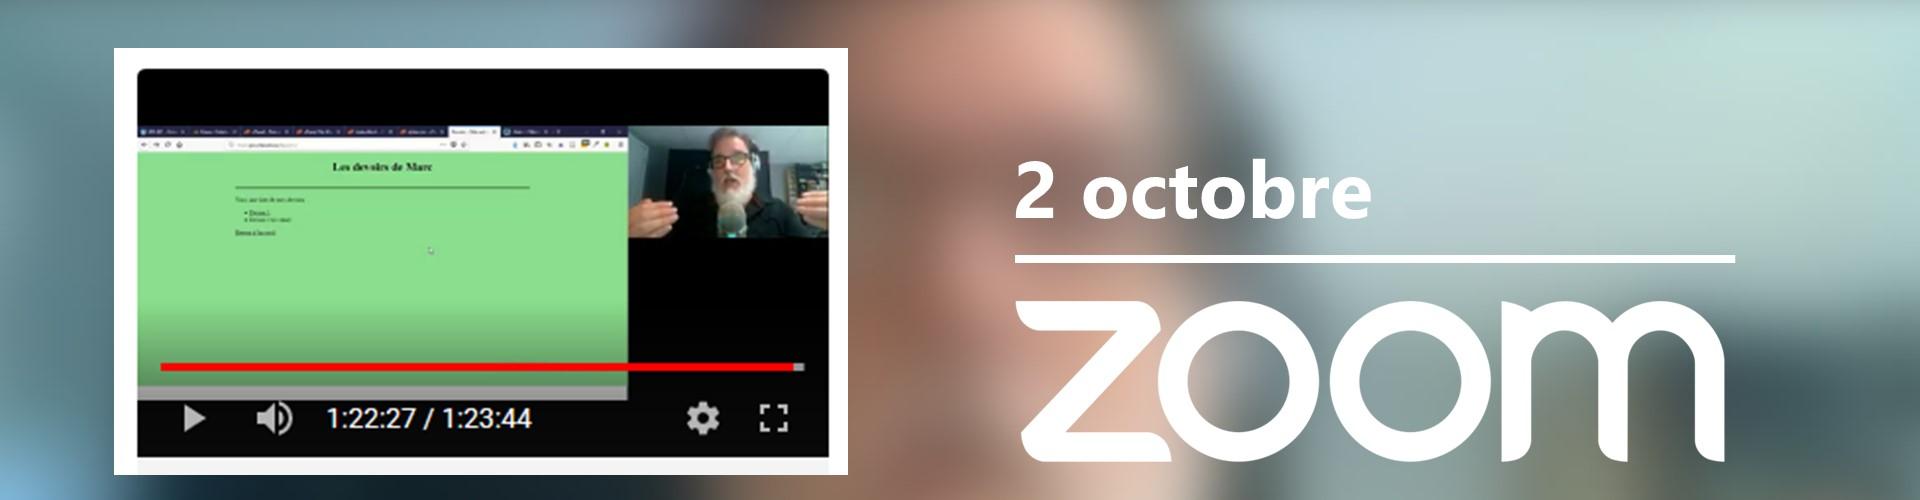 Rencontre du 2 octobre sur Zoom